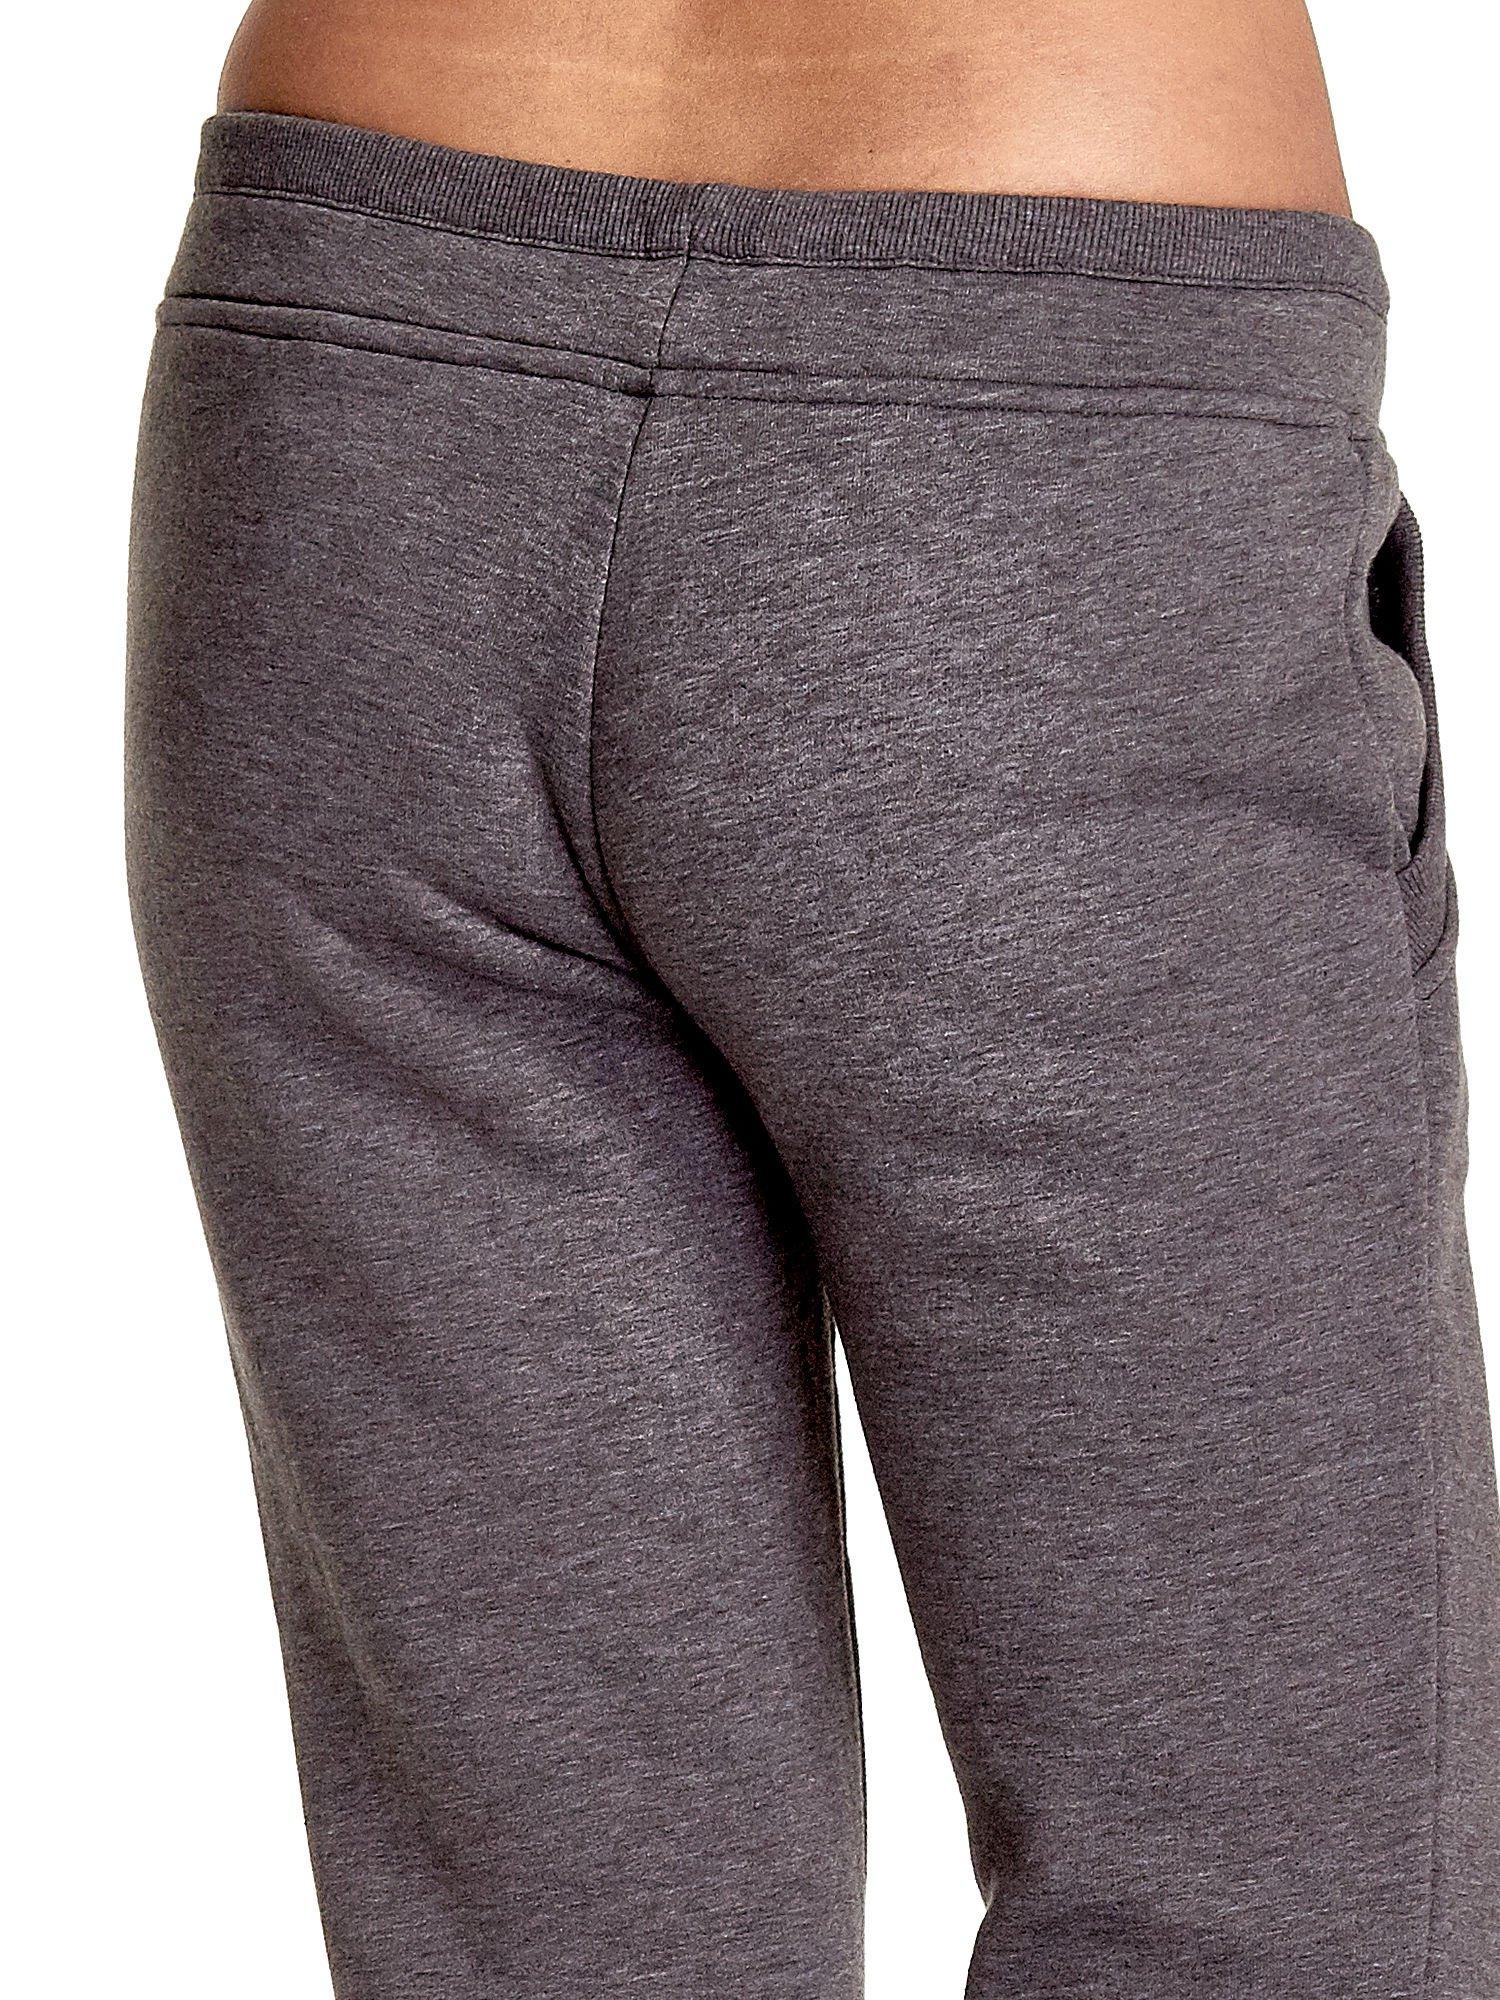 Szare spodnie dresowe z guziczkami przy ściągaczu                                  zdj.                                  7